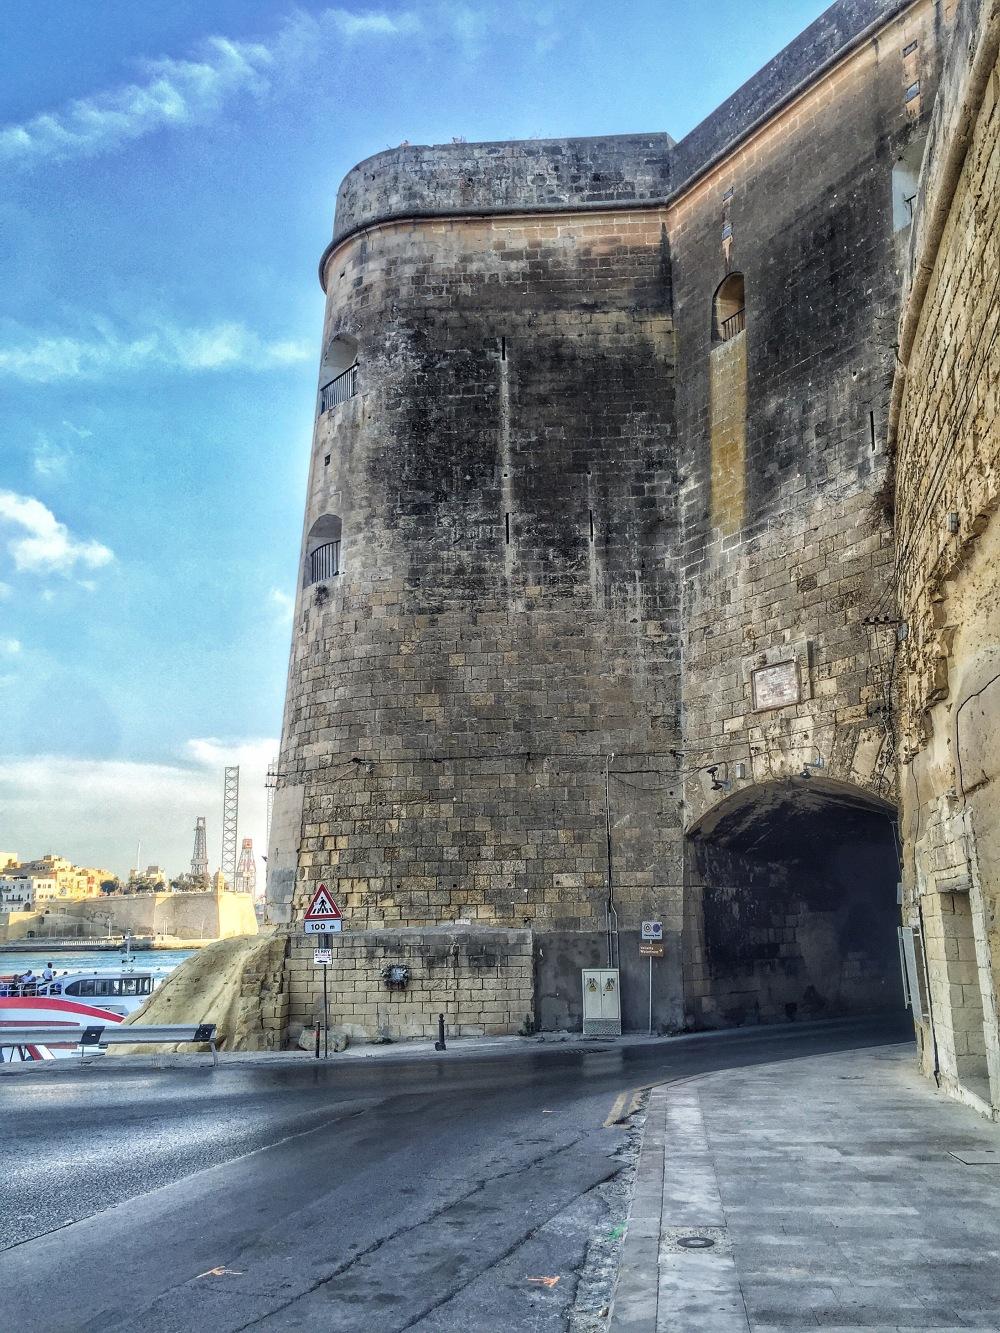 Malta fortress walls